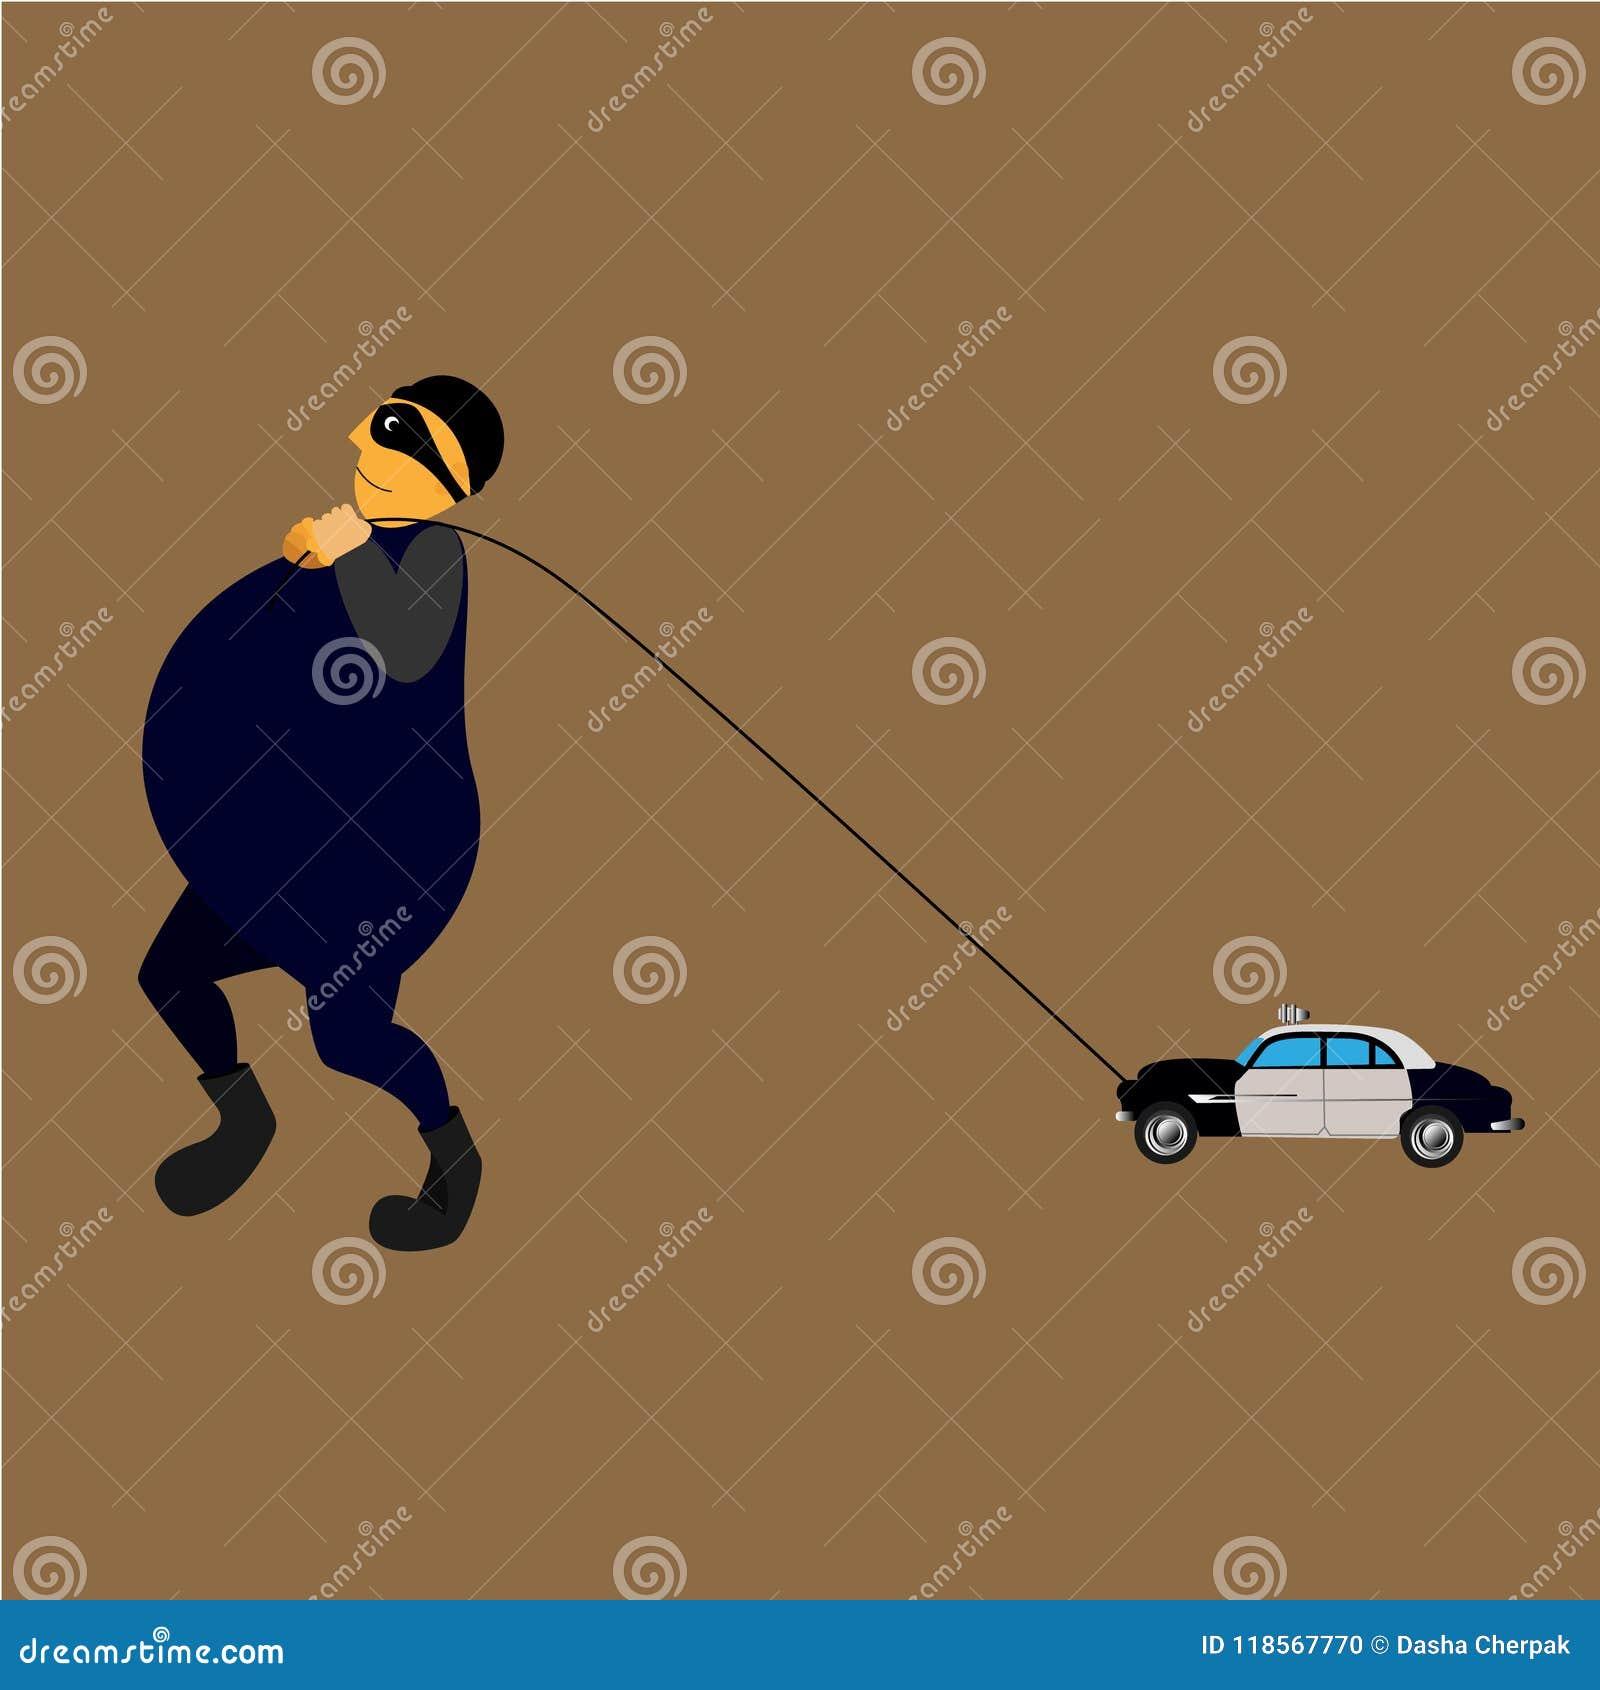 De Un Ladrón Ejemplo Ilustración Del Coche Juguete Vector PTXZOiuwk